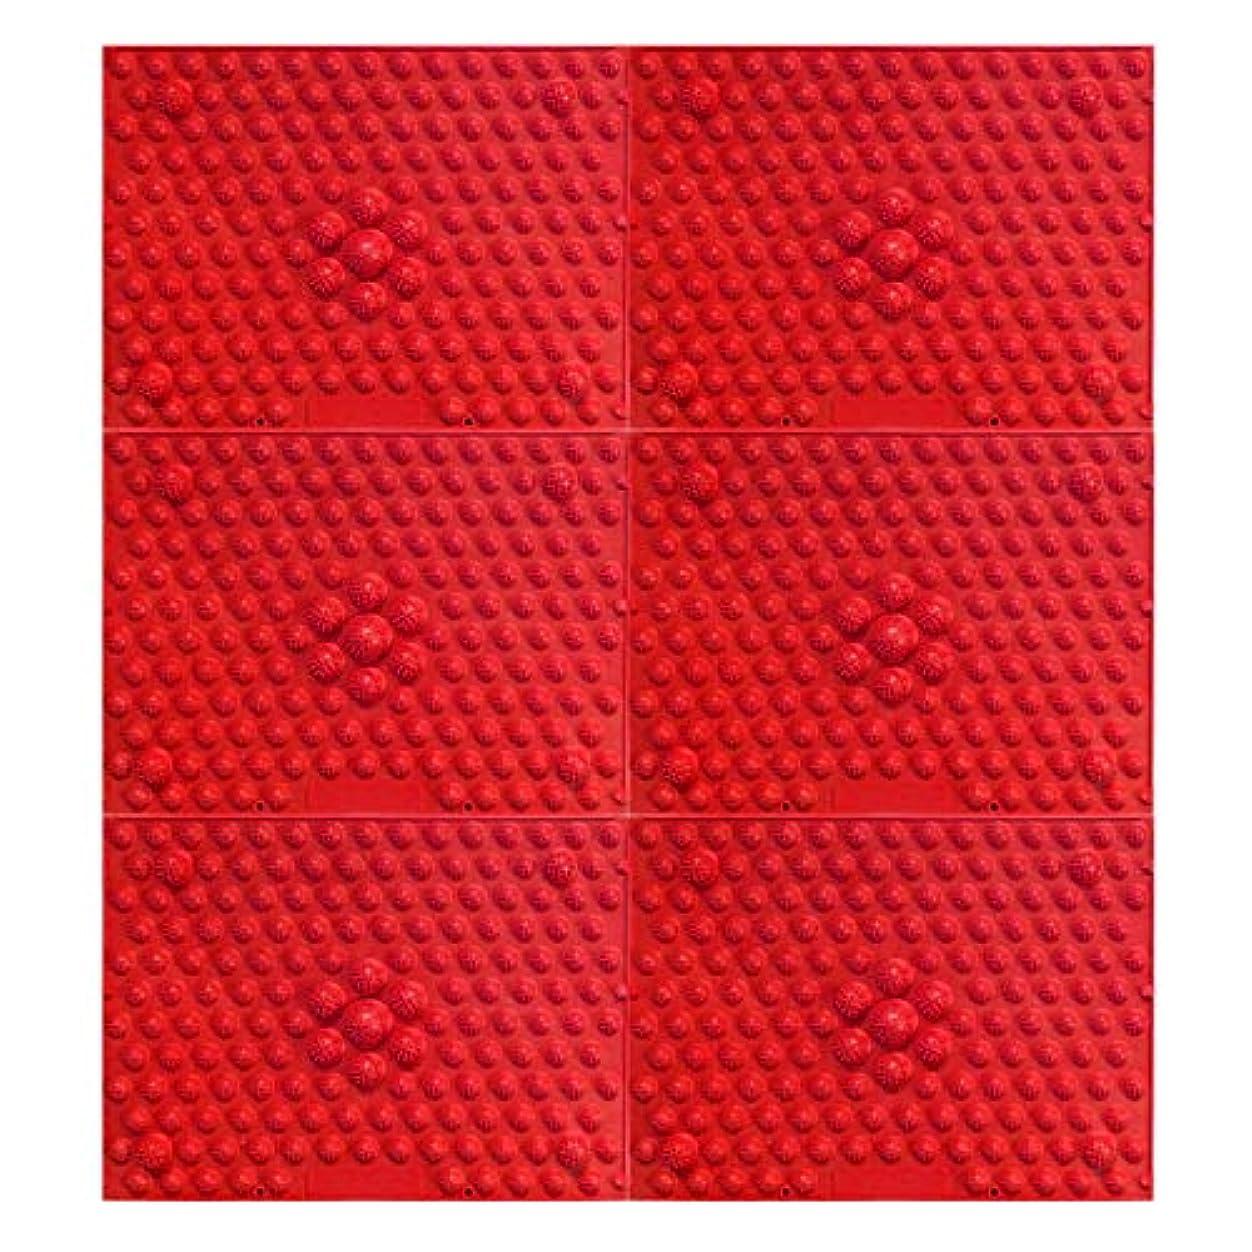 ハーフフォージ変装した疲れsirazu(足踏みマット)ピンク6枚セット (赤)